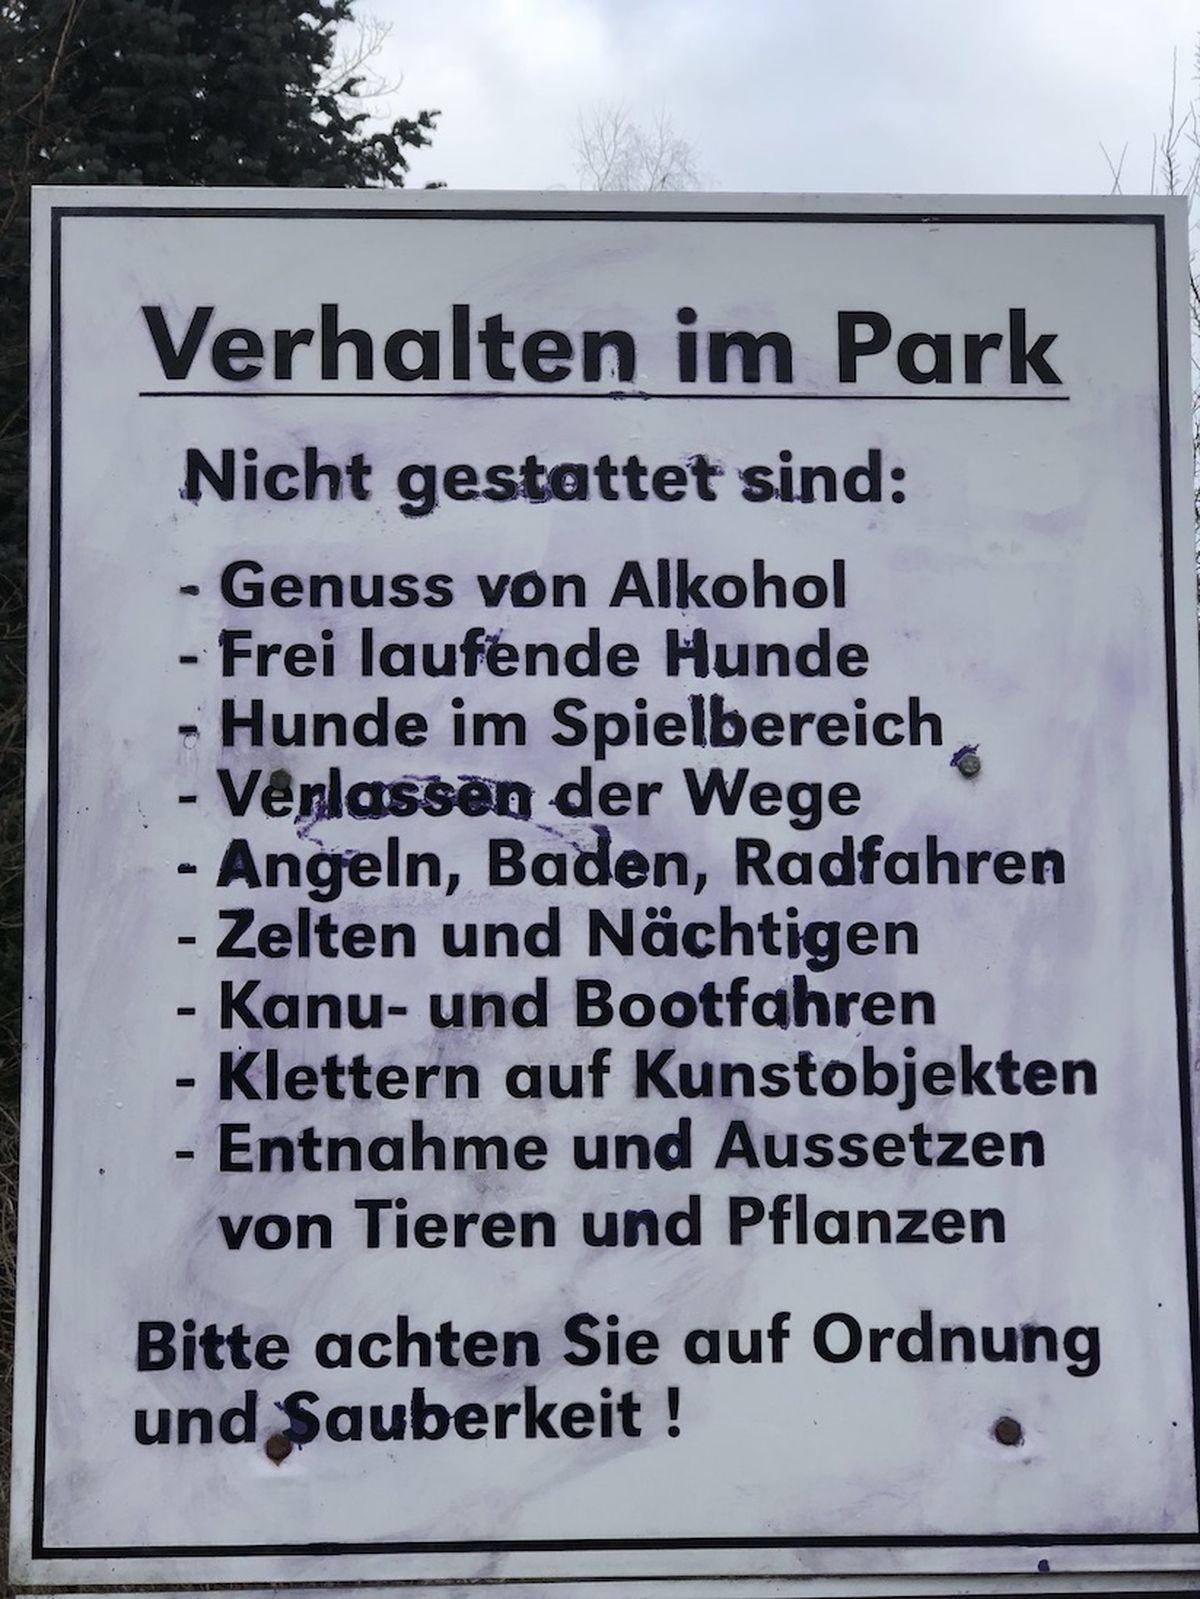 Deutsche Parks - Wo man noch richtig Spaß haben kann | Lustiges | Was is hier eigentlich los?